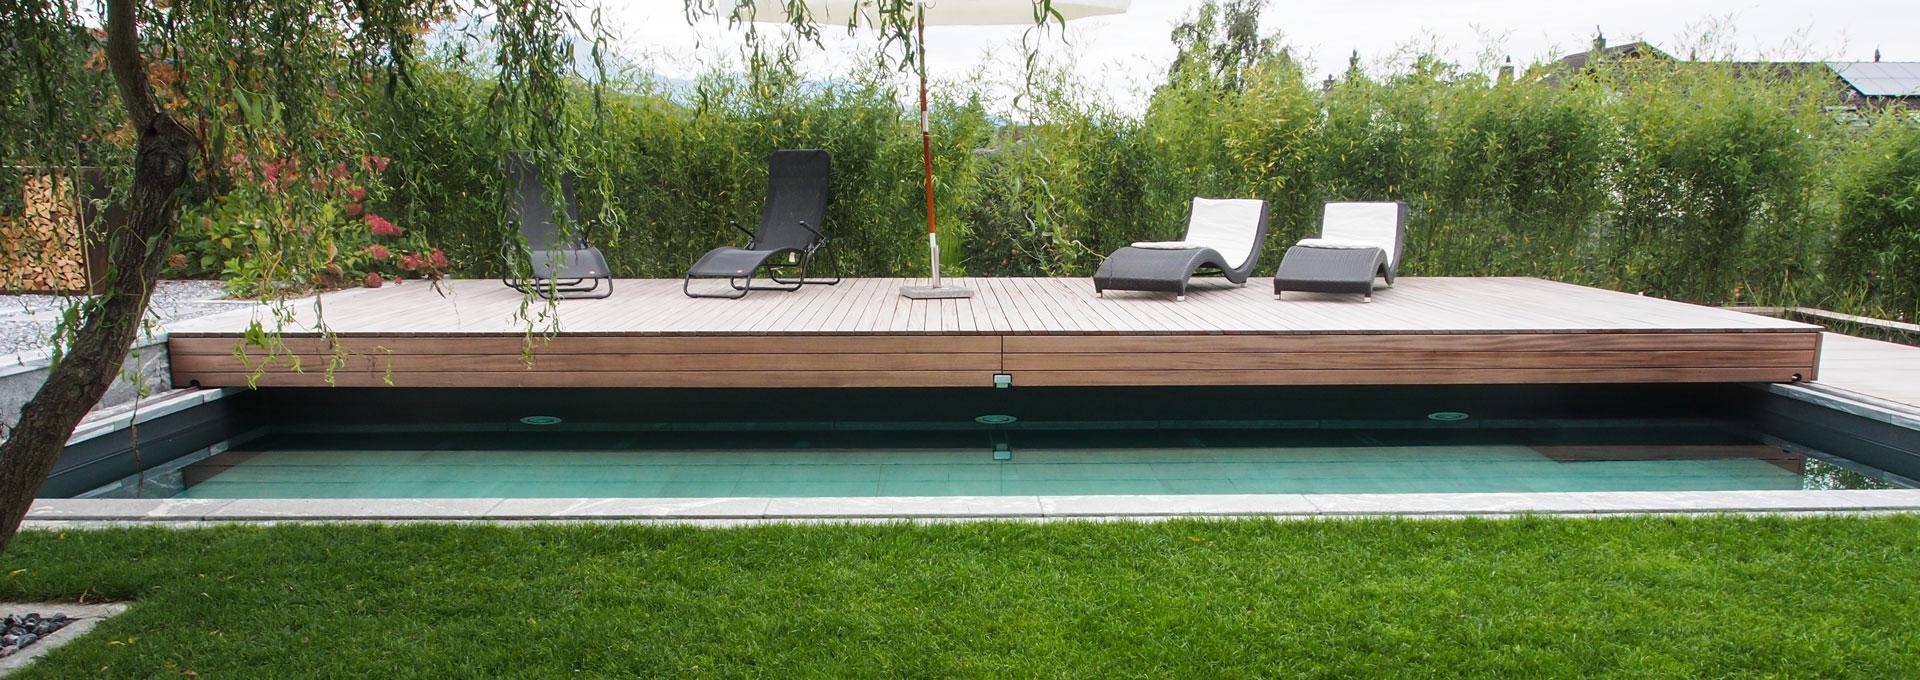 die perfekte poolabdeckung f r ihren bestehenden pool. Black Bedroom Furniture Sets. Home Design Ideas